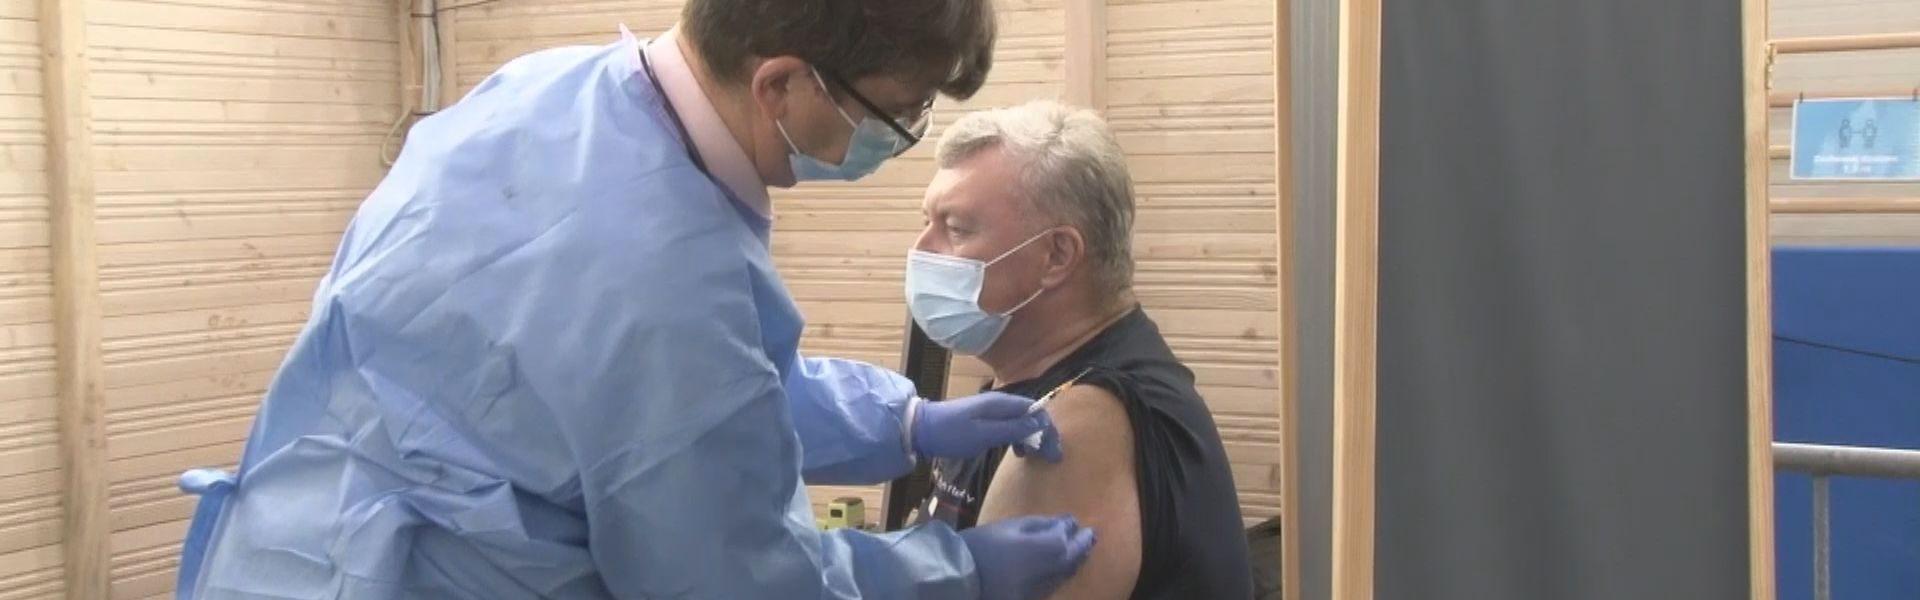 25 procent tczewian zaszczepionych